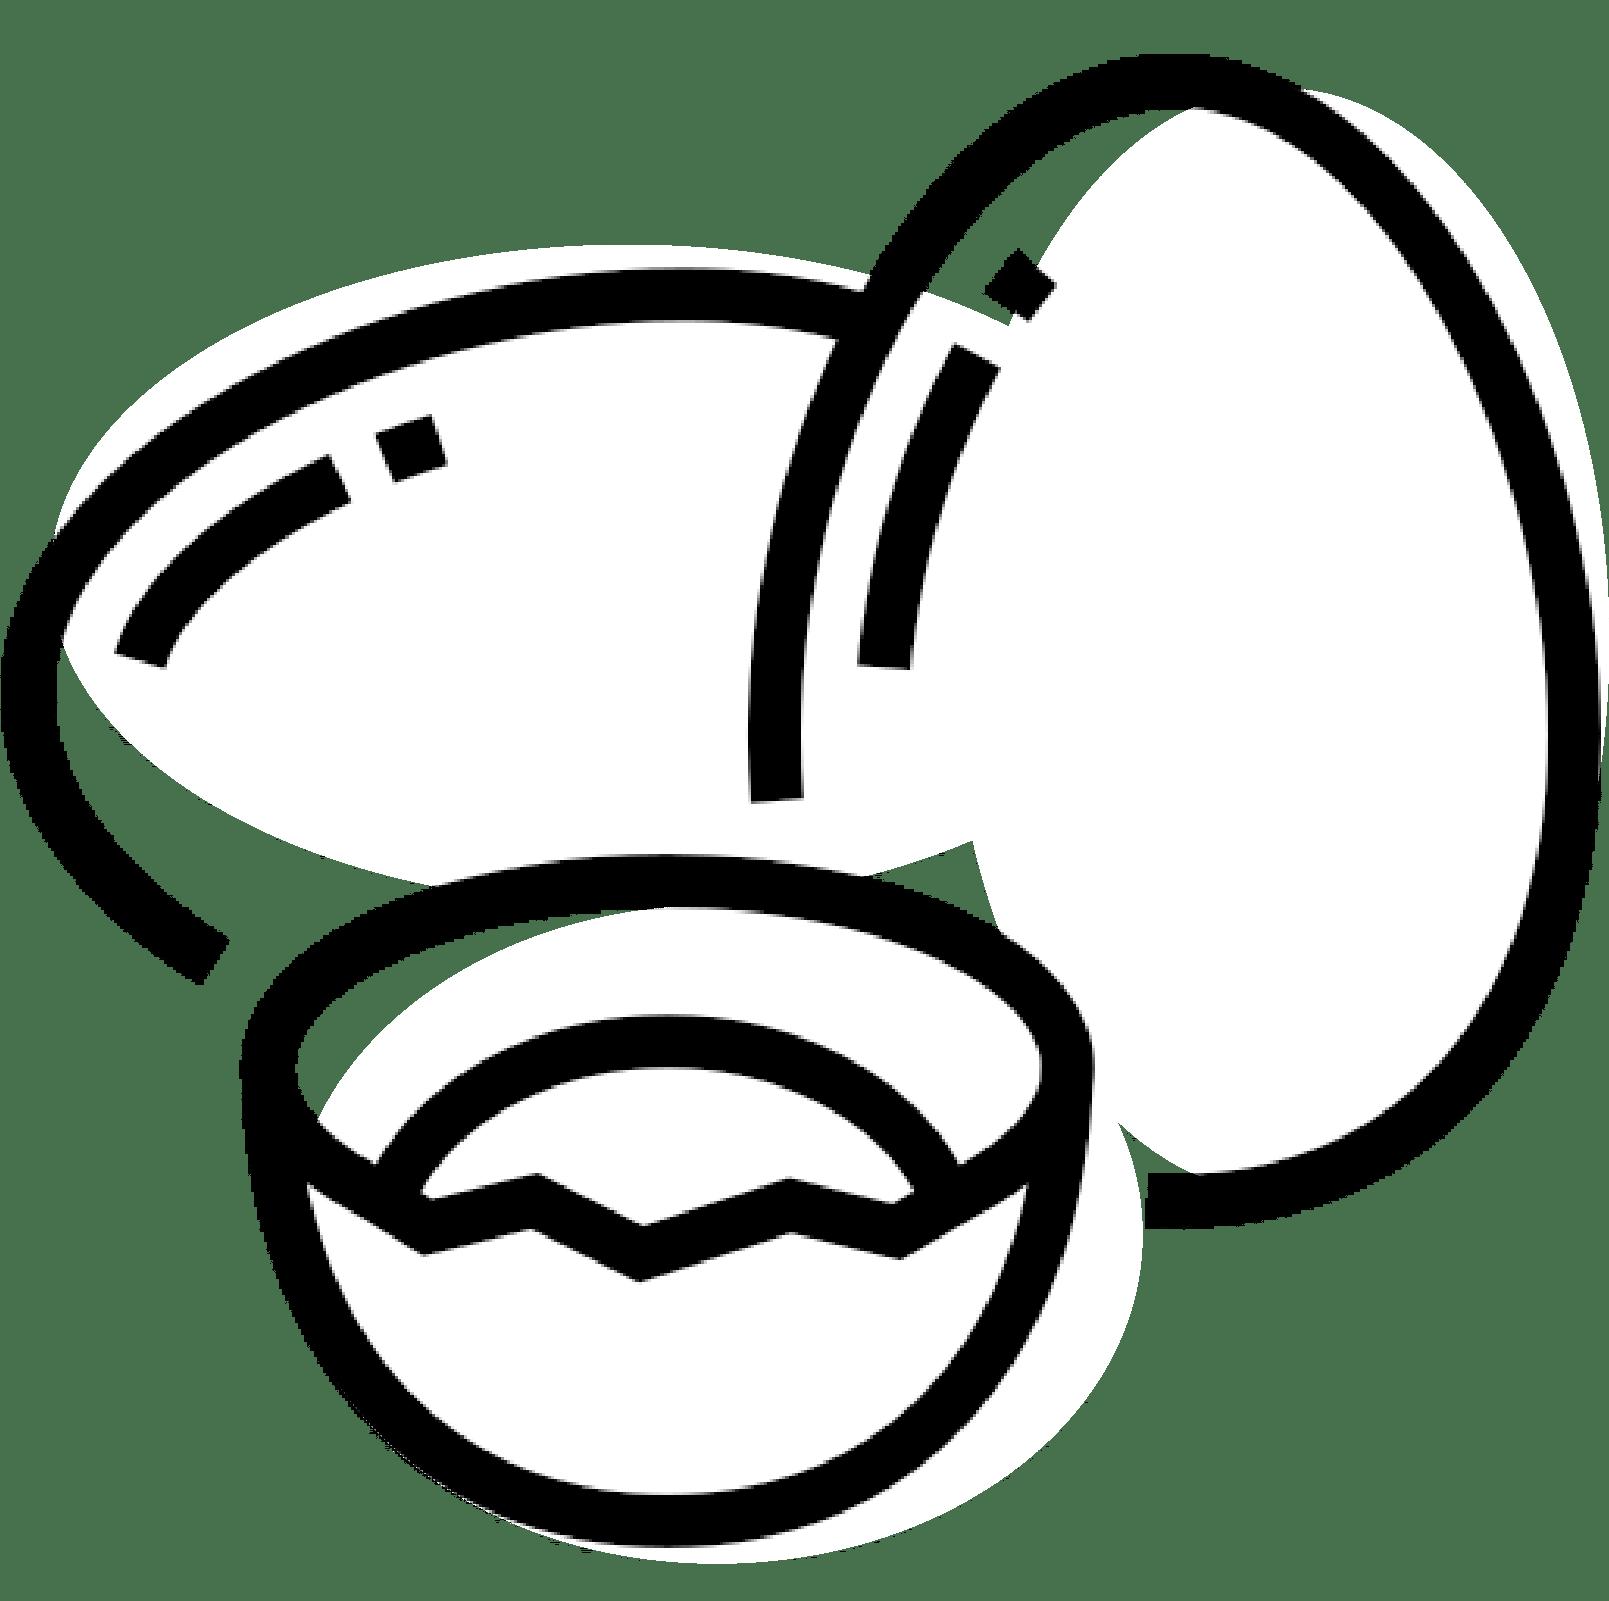 Po/êle /à oeufs Po/êle /à cr/êpes en aluminium avec moule /à 4 trous ronds Po/êle de cuisson antiadh/ésive pour hamburgers au jambon avec poign/ées longues antid/érapantes Fabricant domelettes